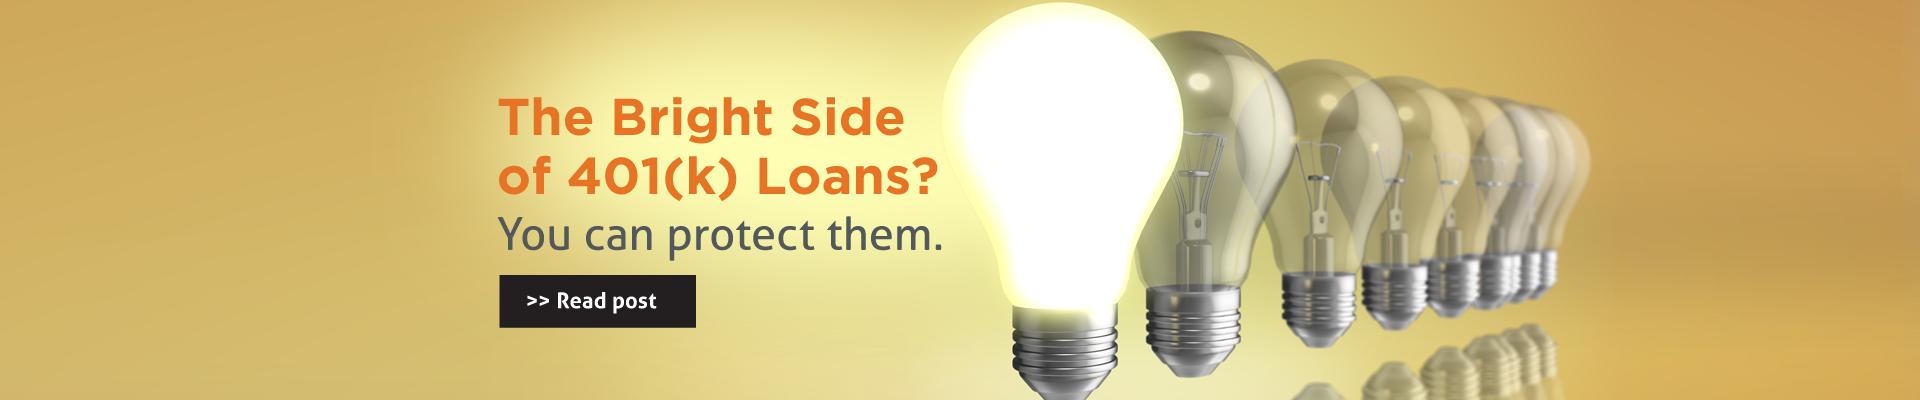 401(k) Loans